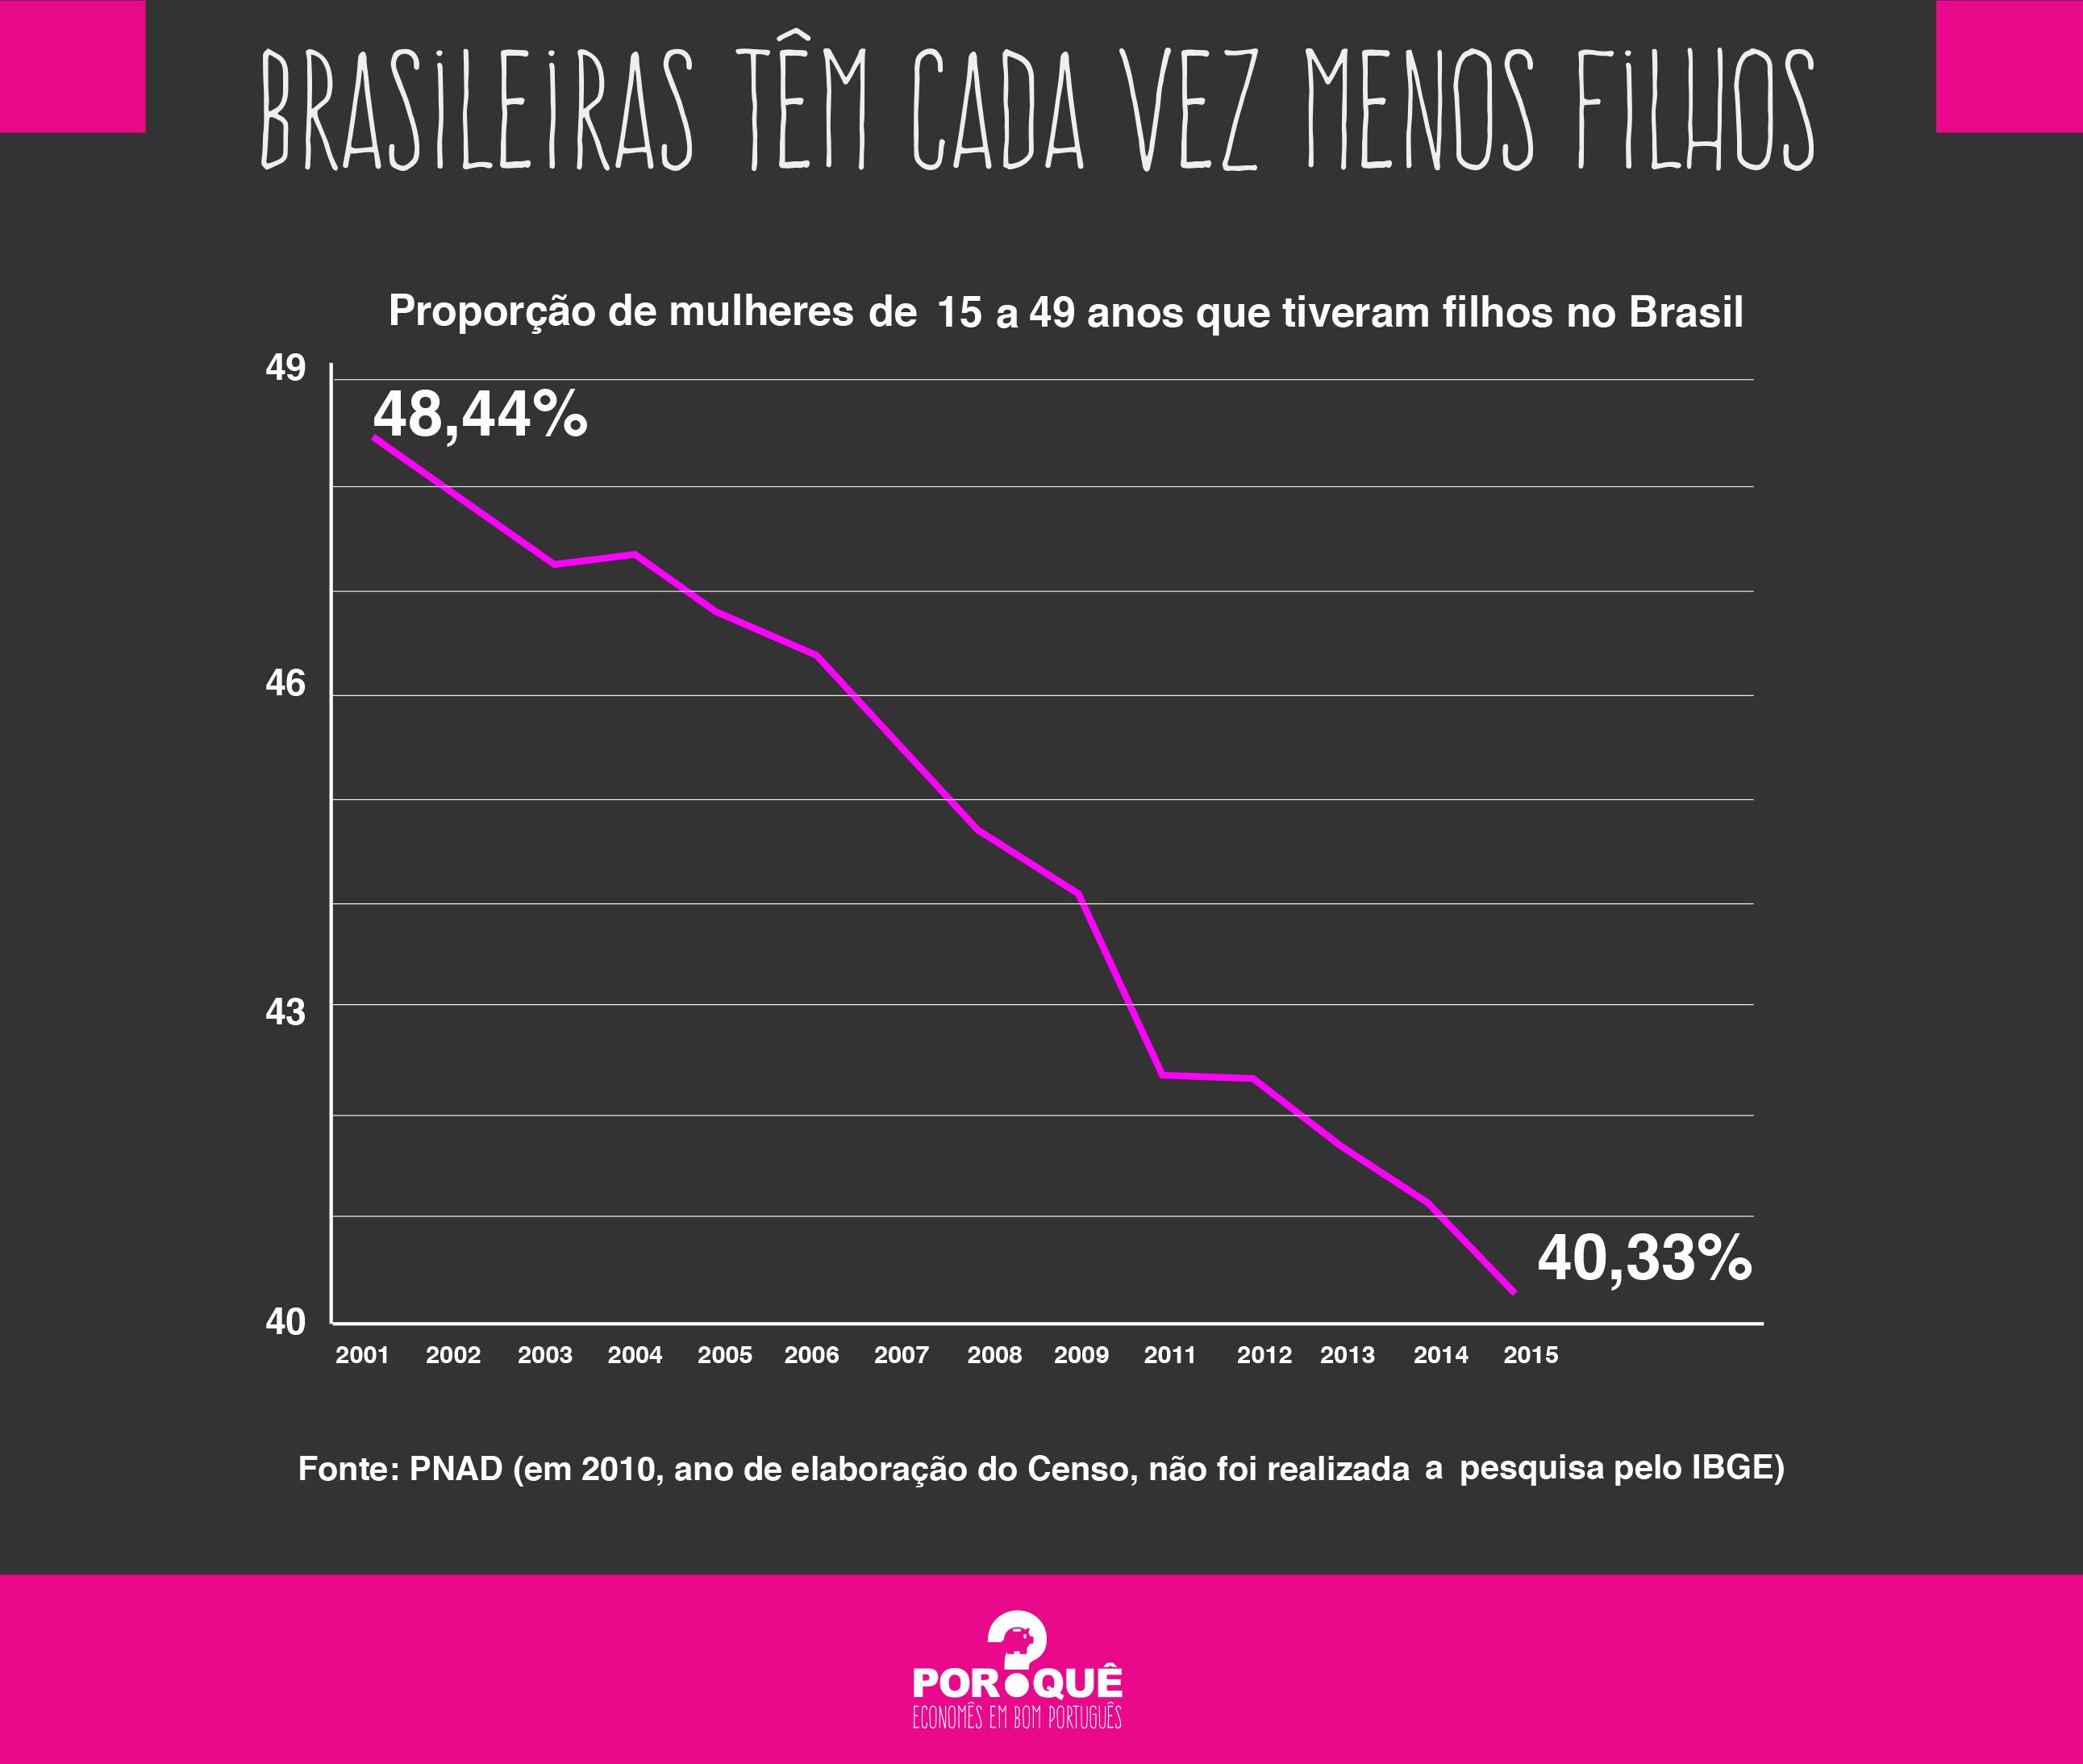 brasileiras têm cada vez menos filhos